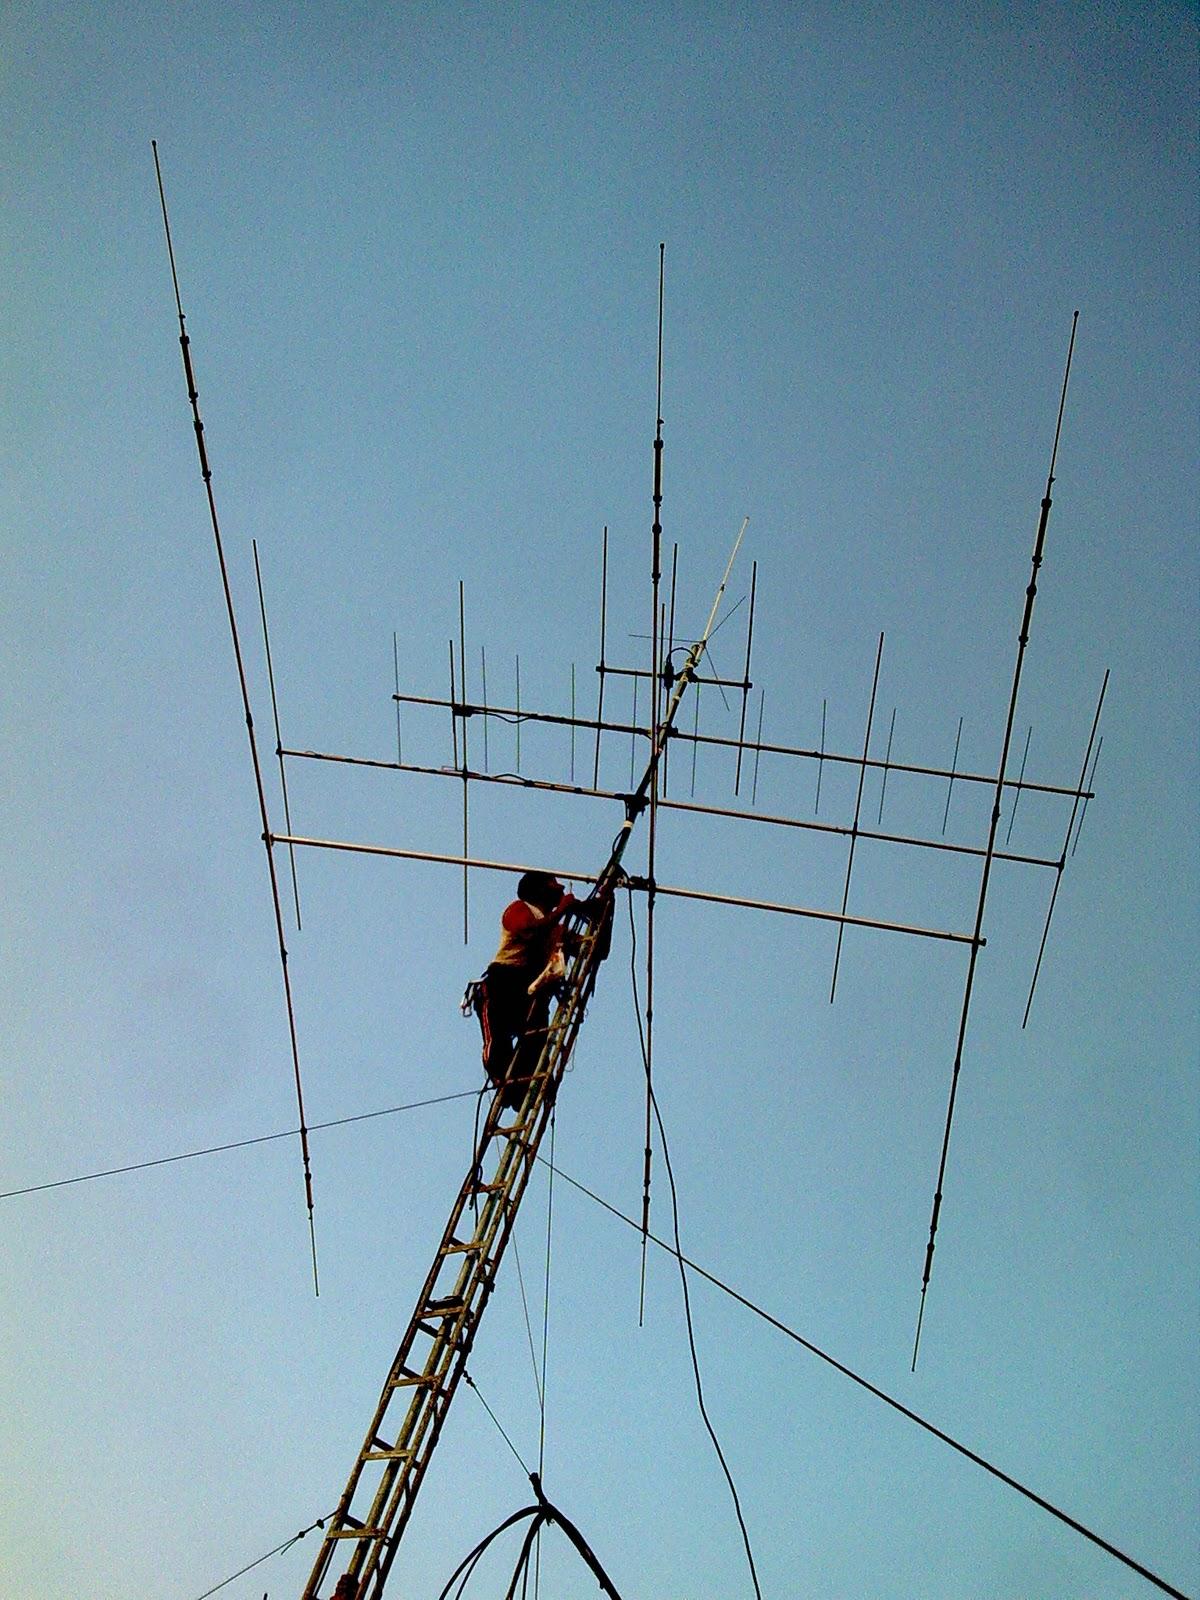 SV5BYR: Antennas